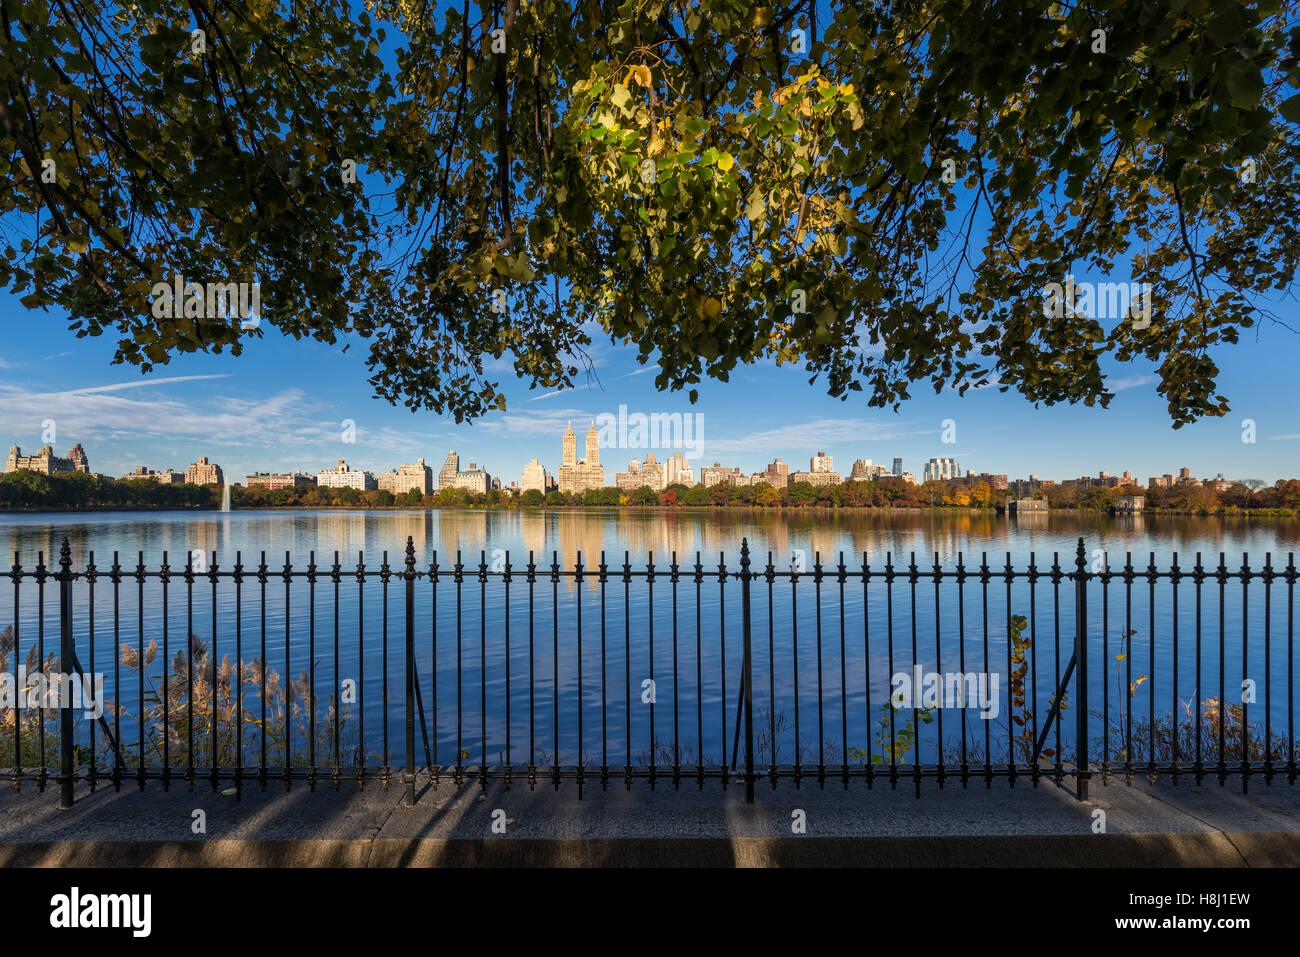 Fallen Sie im Central Park mit Blick auf der Upper West Side von Jacqueline Kennedy Onassis Reservoir. New York Stockbild